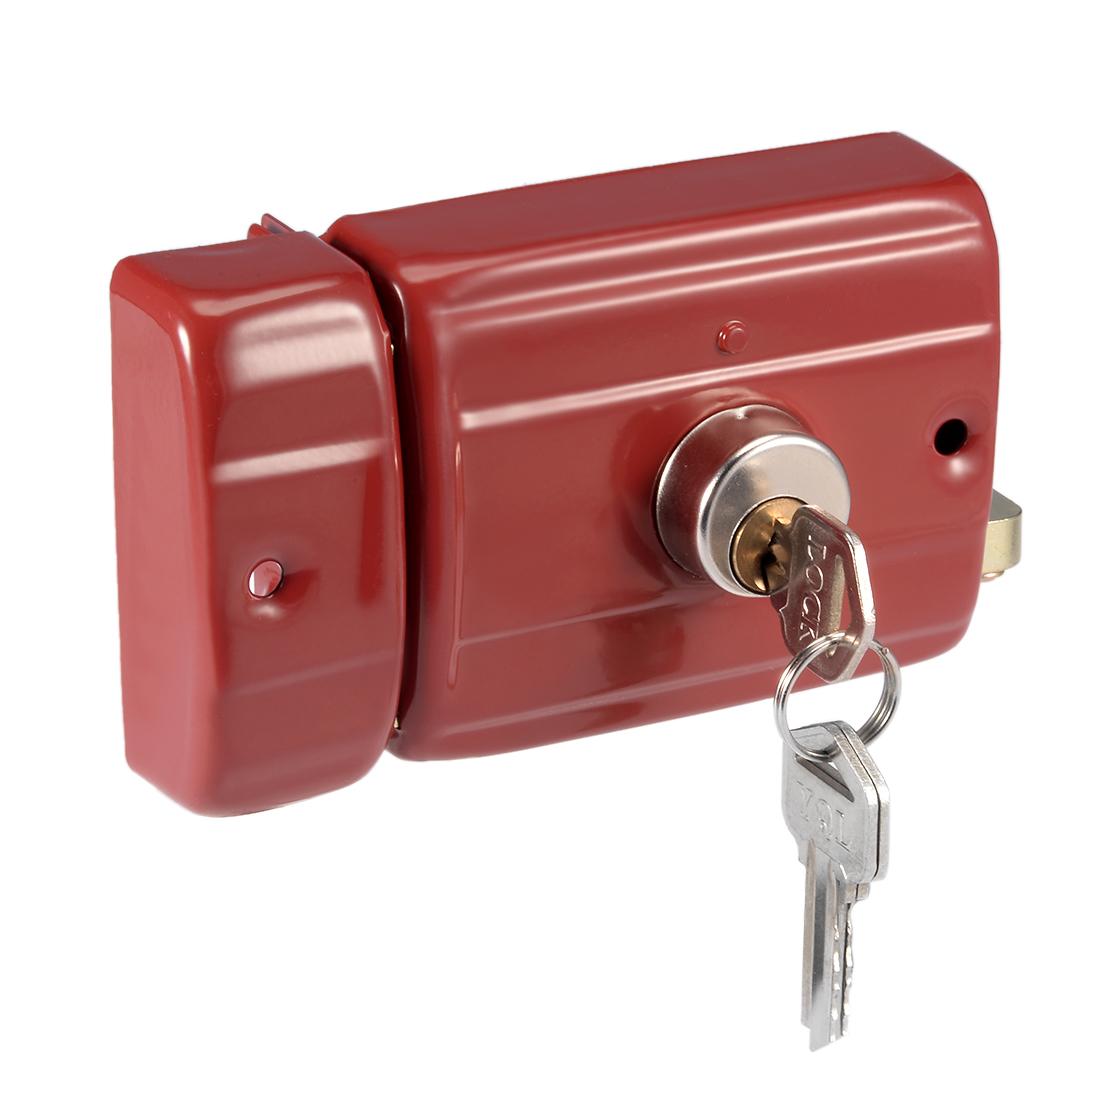 95mmx75mm Iron Brass Cylinder Left Hand Door Rim Lock w Slotted Keys